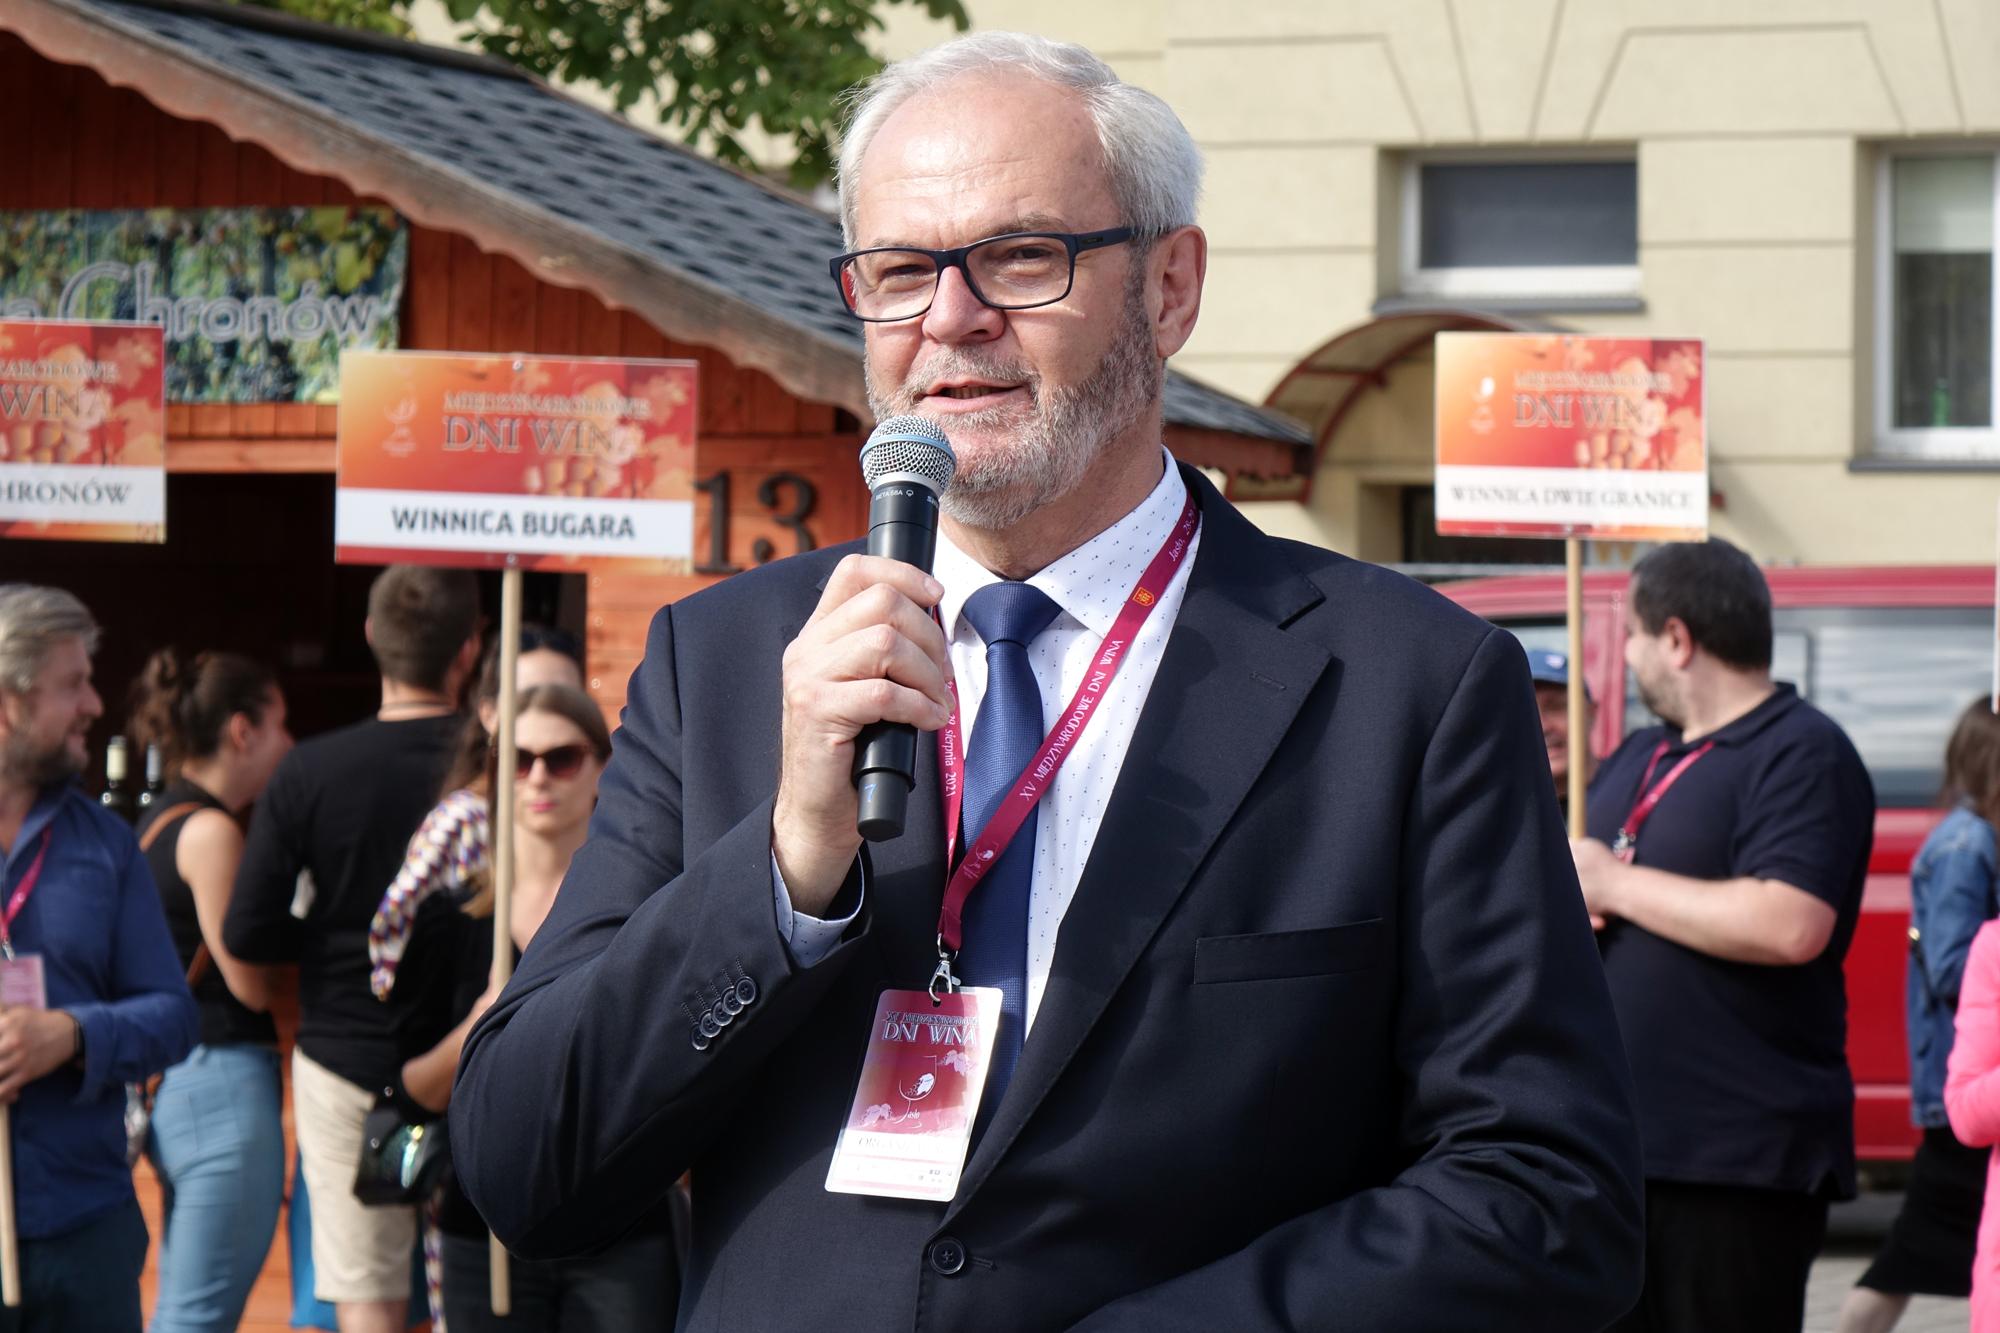 Święto Wina w Jaśle 2021 - Burmistrz Ryszard Pabian